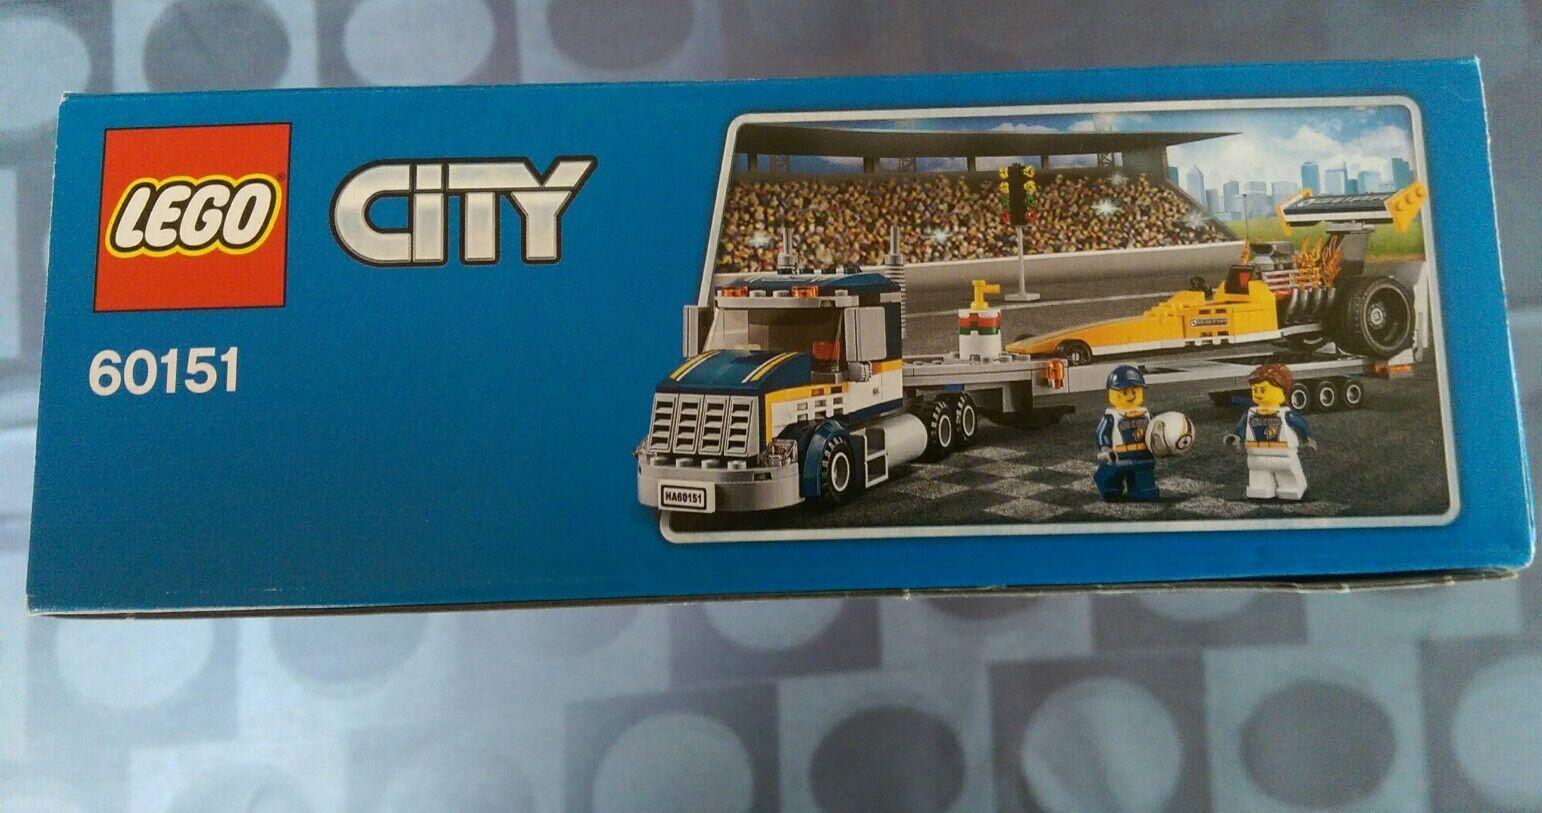 LEGO CITY 60151 -Le transporteur du dragster- dragster- dragster- boite neuve,scellée 614943